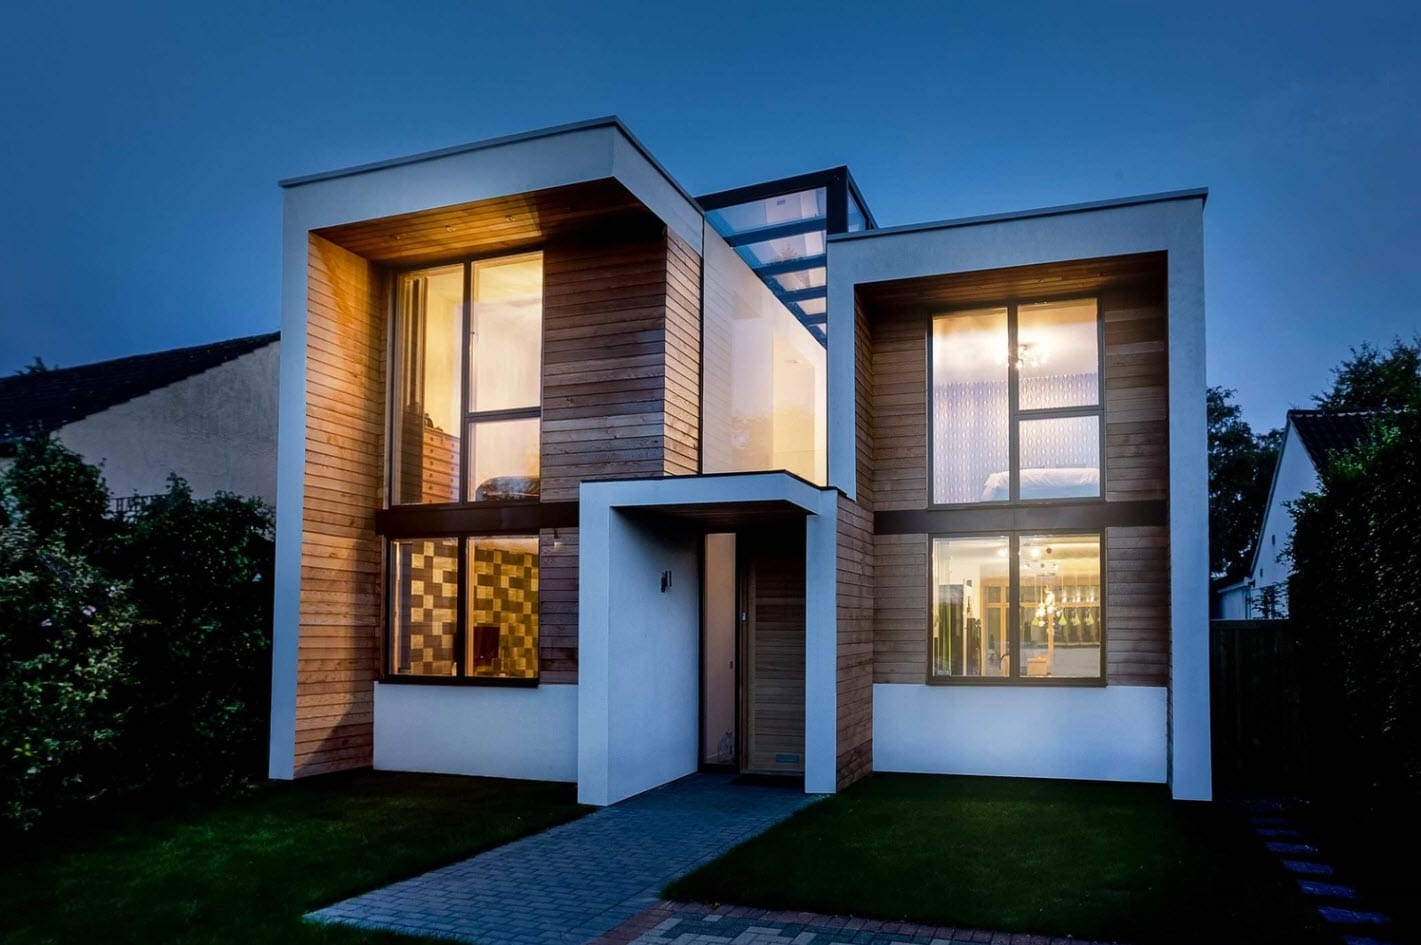 Dise o casa moderna de dos pisos for Planos para casas de dos pisos modernas